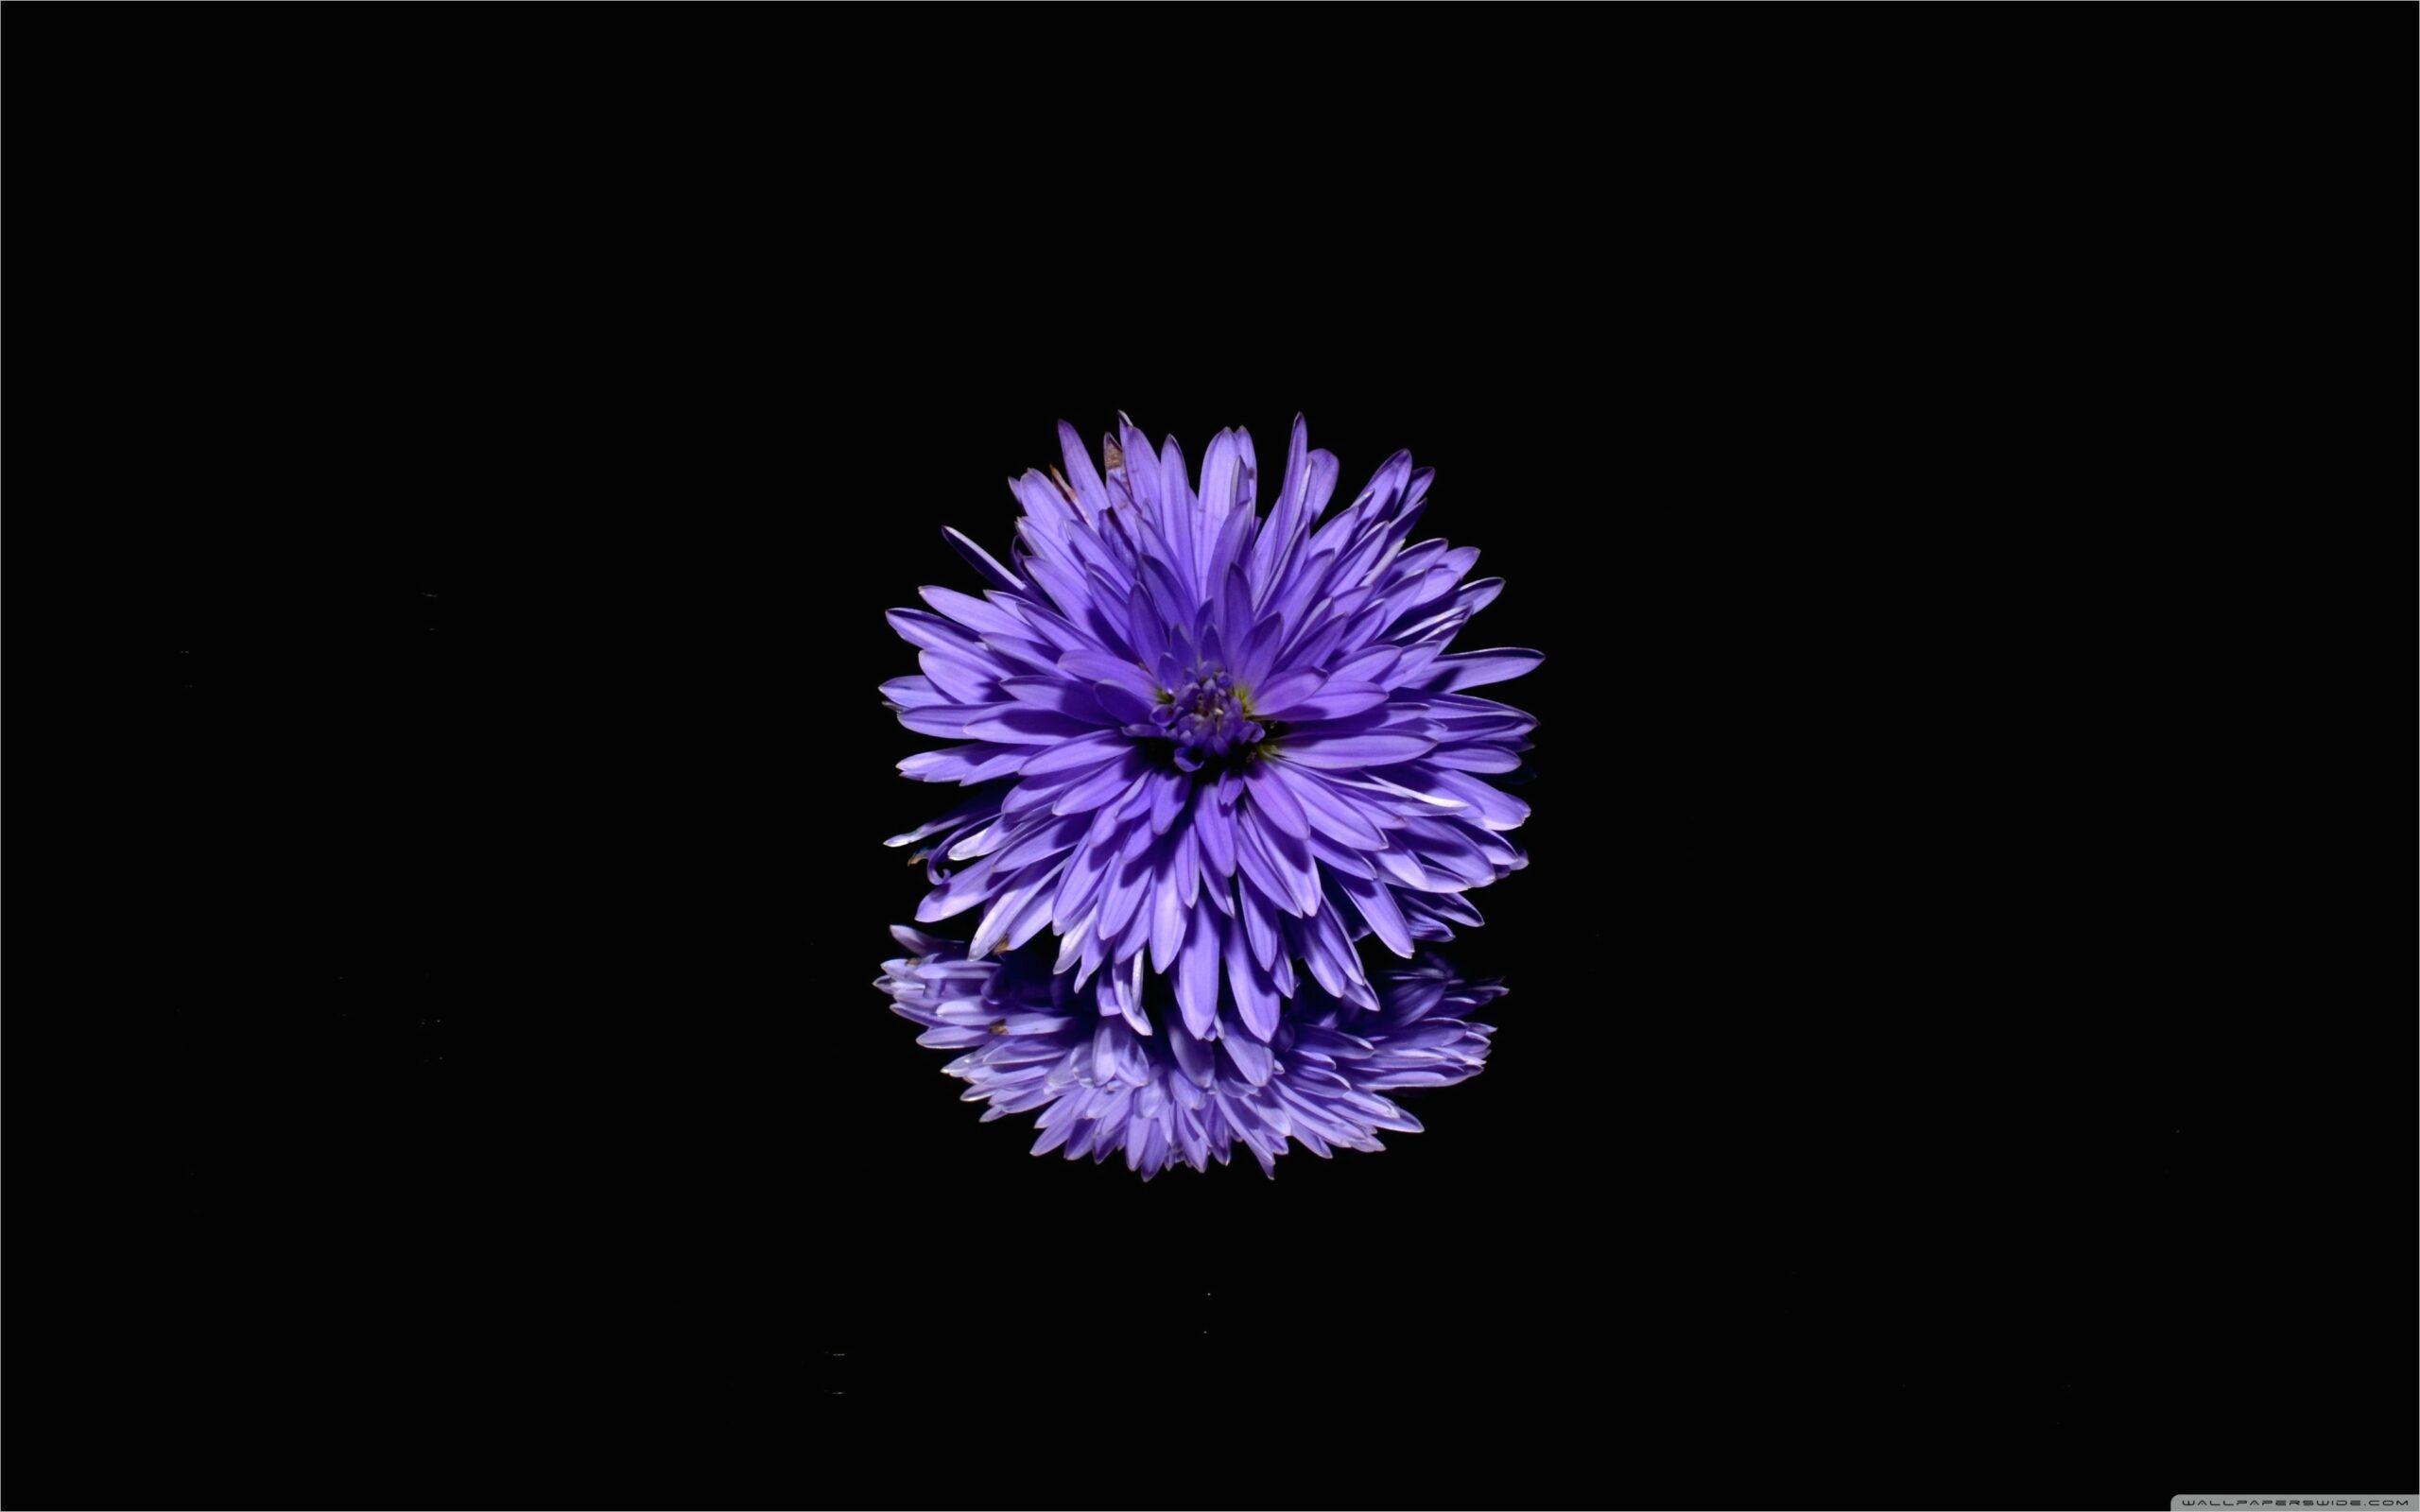 4k Black Background Wallpaper In 2020 Purple Flowers Flowers Purple